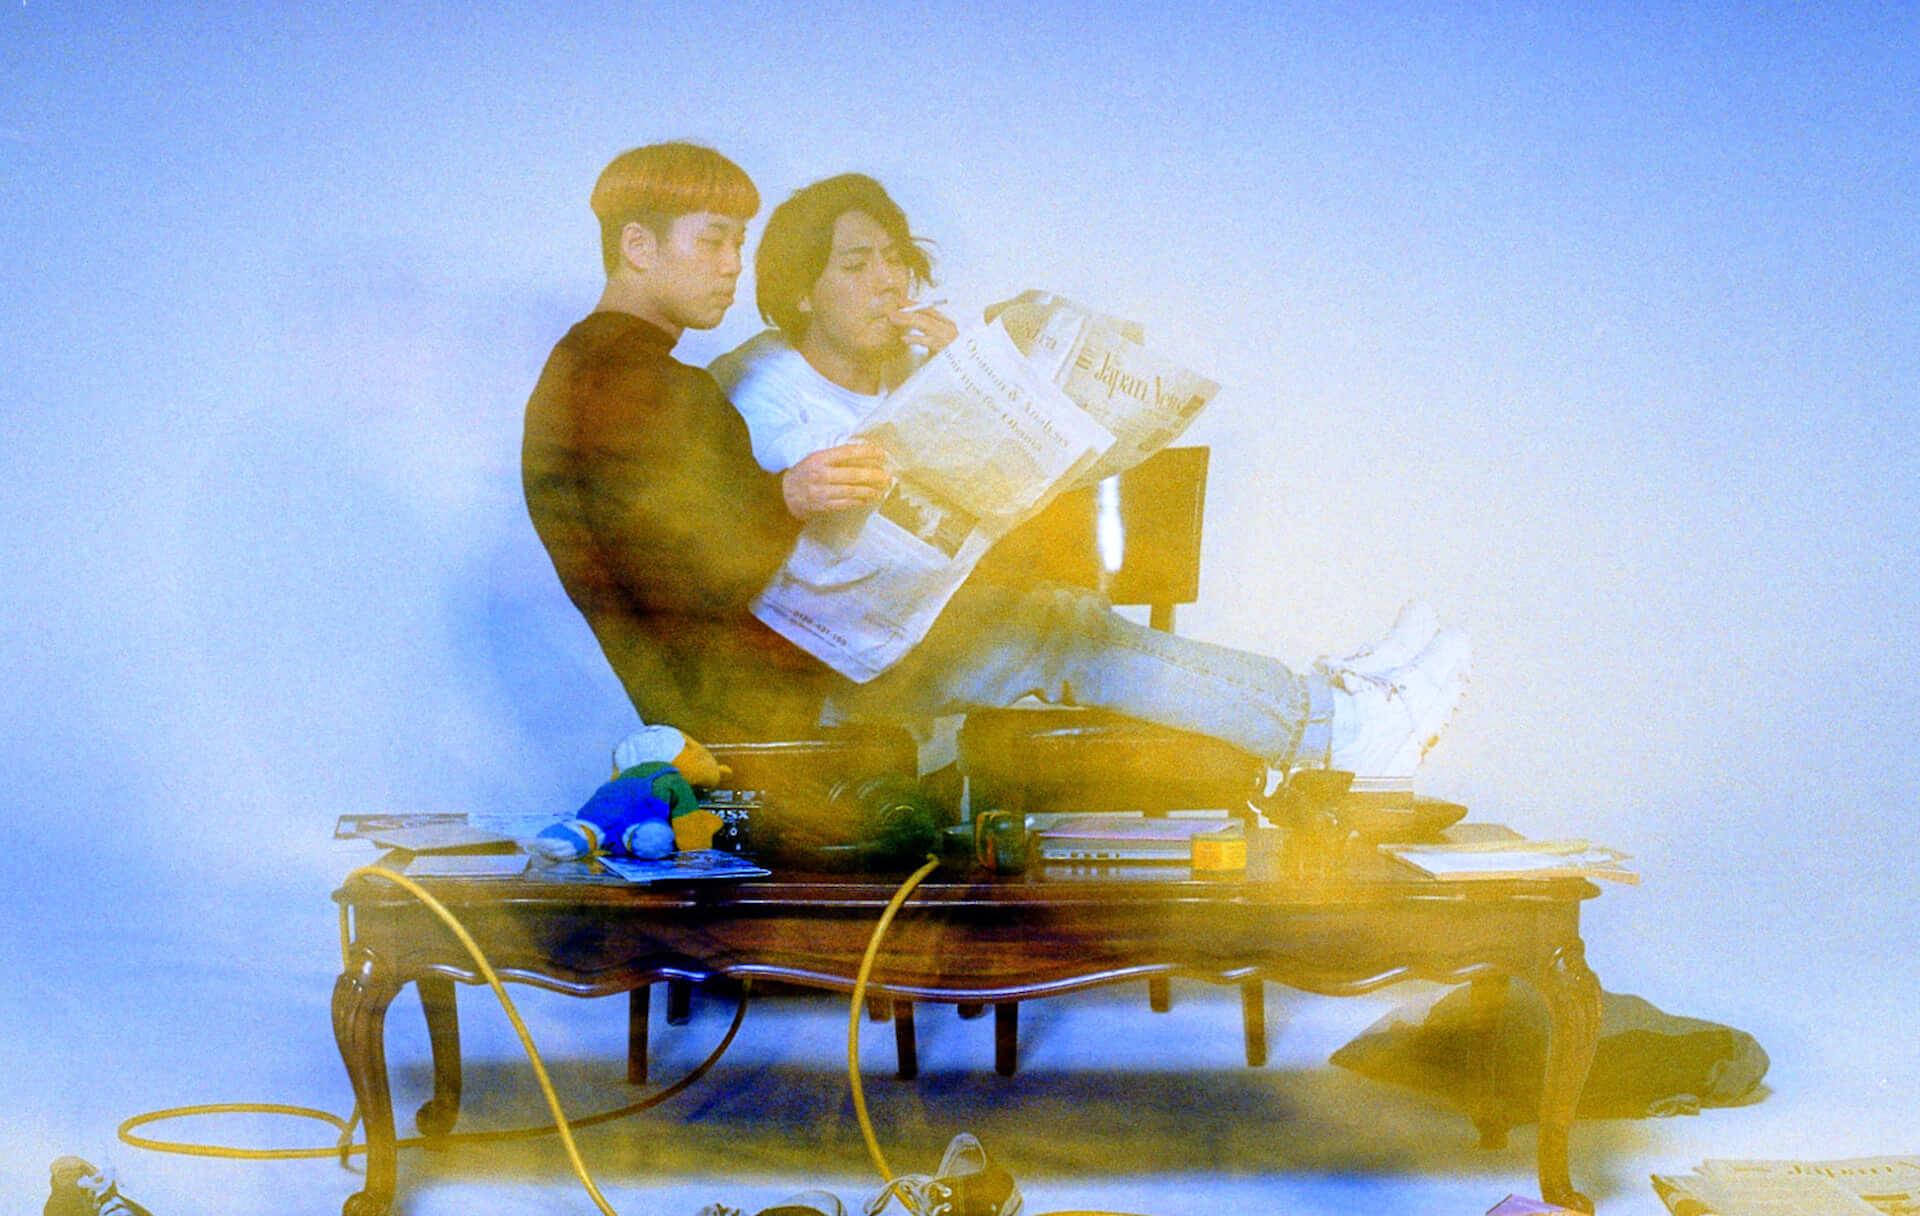 フジロック<ROOKIE A GO-GO>への出演も話題となったBearwearのニューシングル『madoromi / Carry On』が配信リリース! music210524_bearwear_2